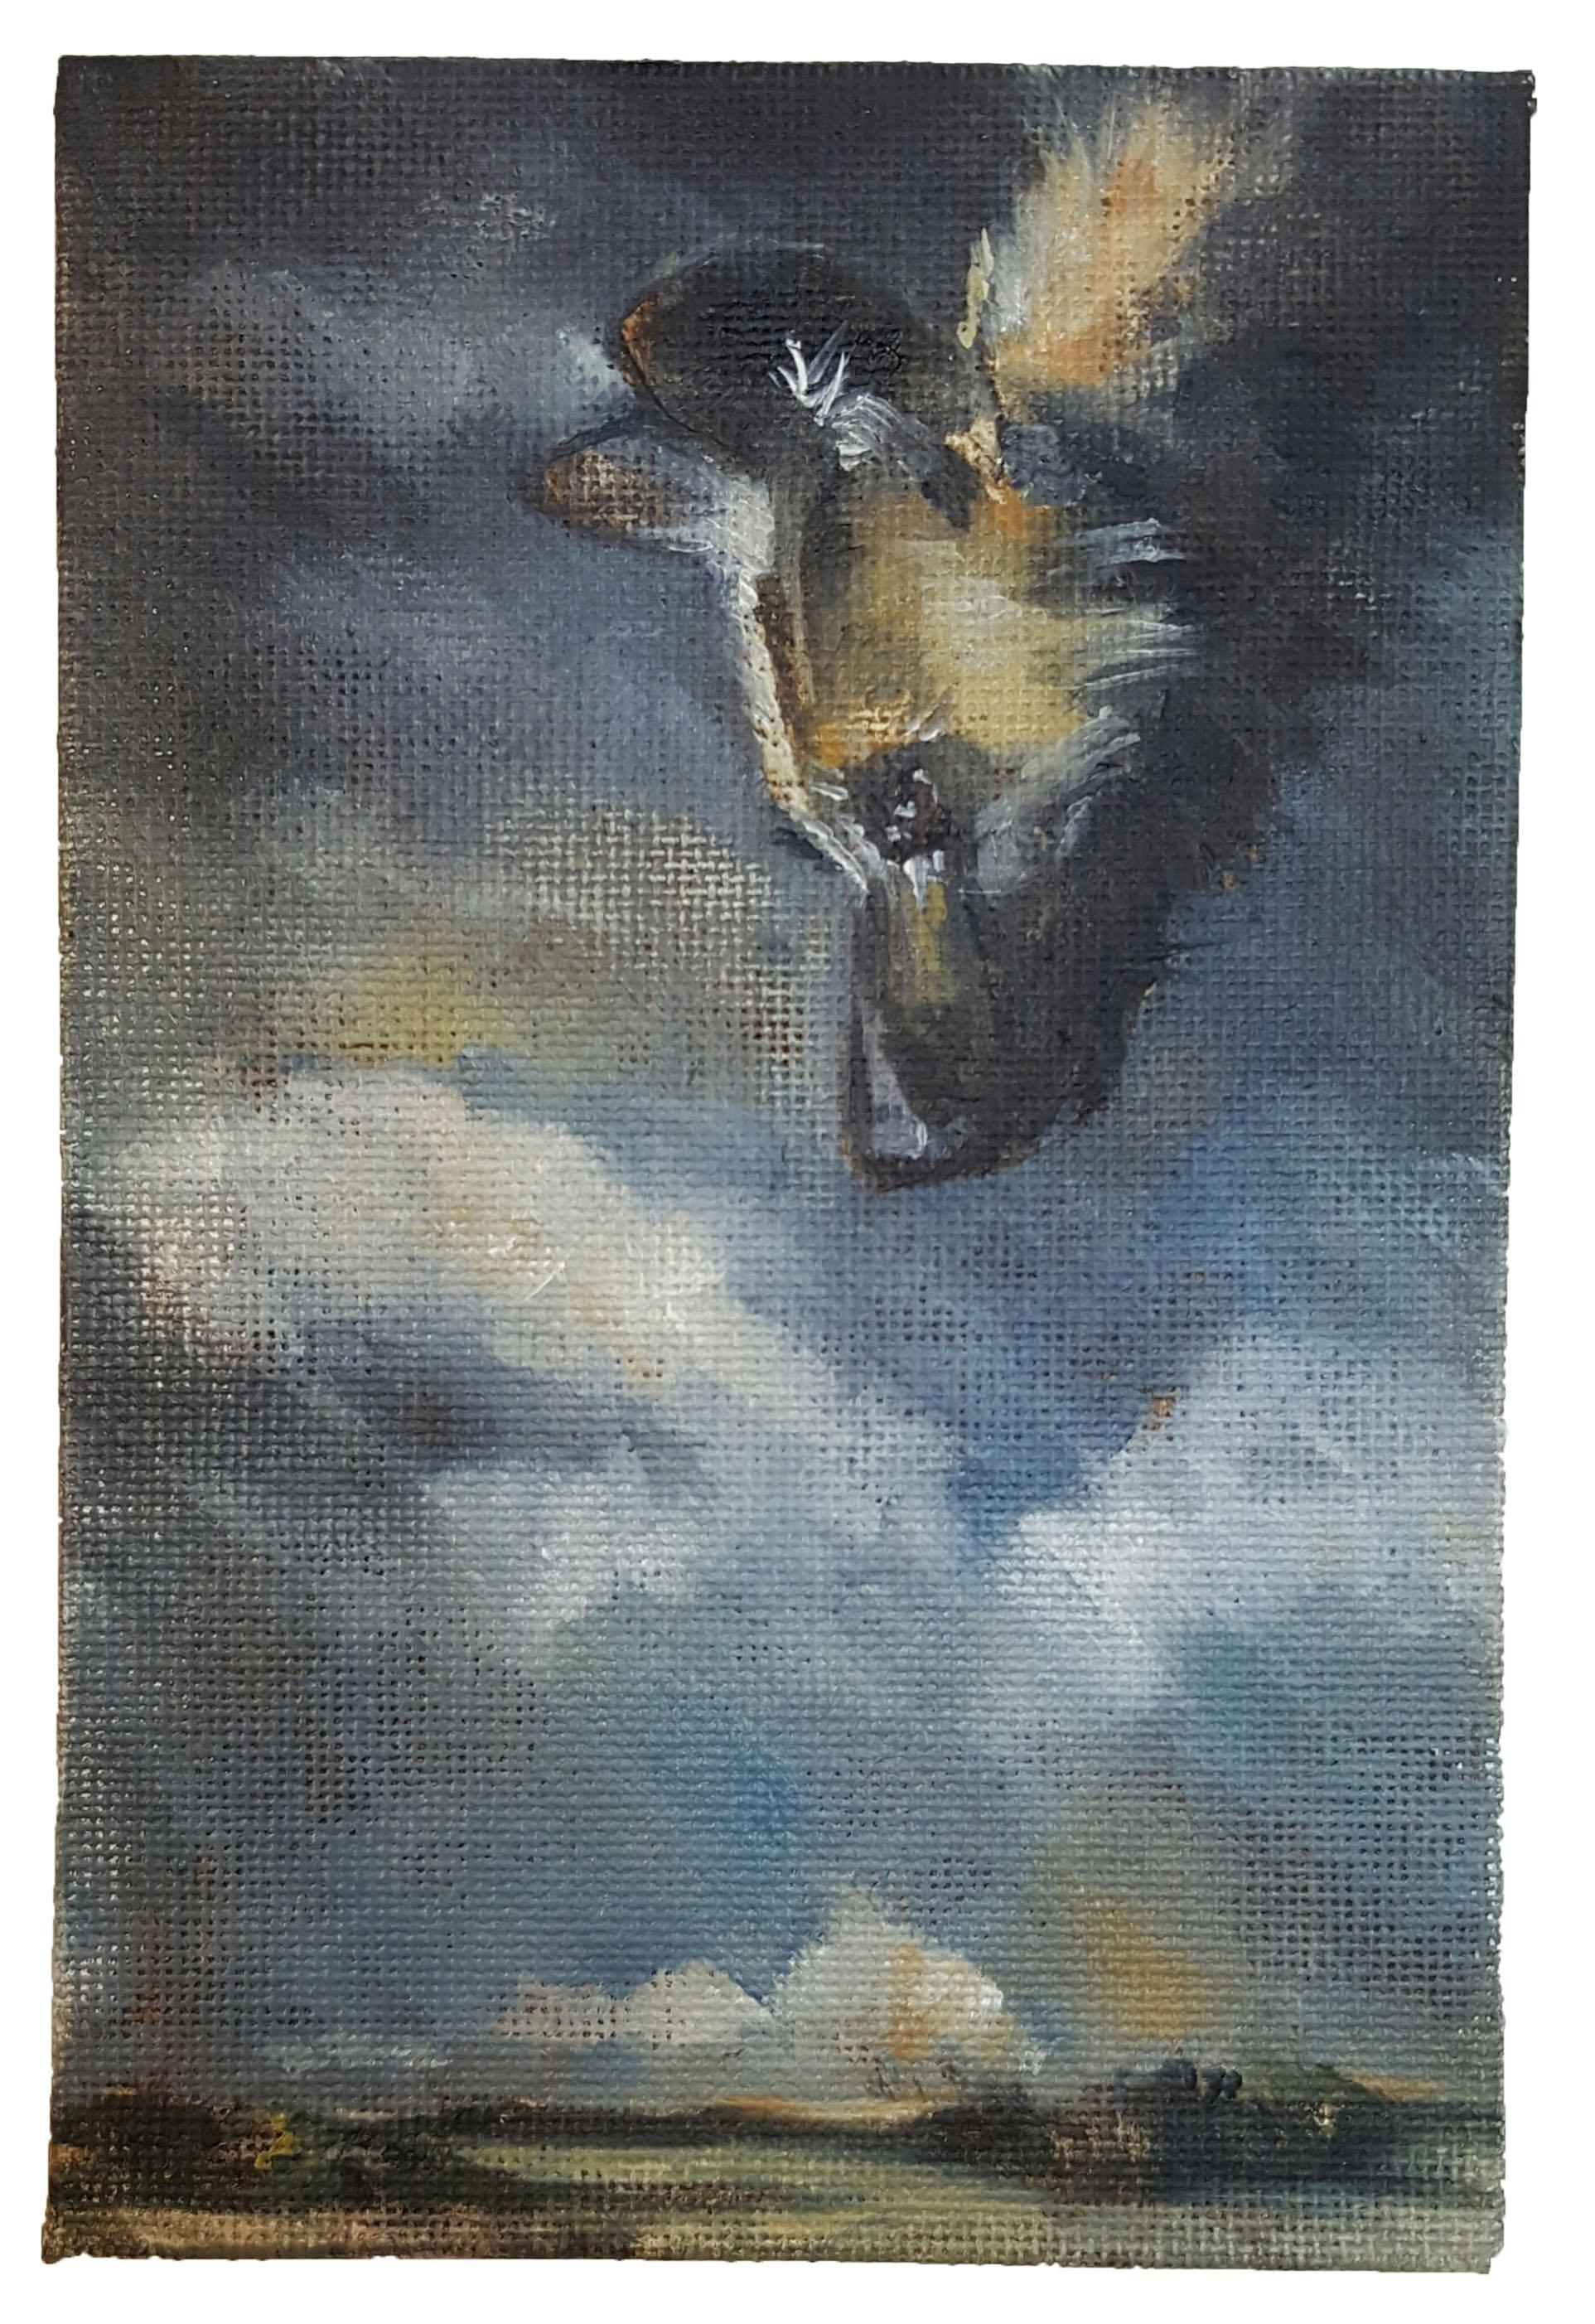 Michelle Dawson God's Hunting Dog